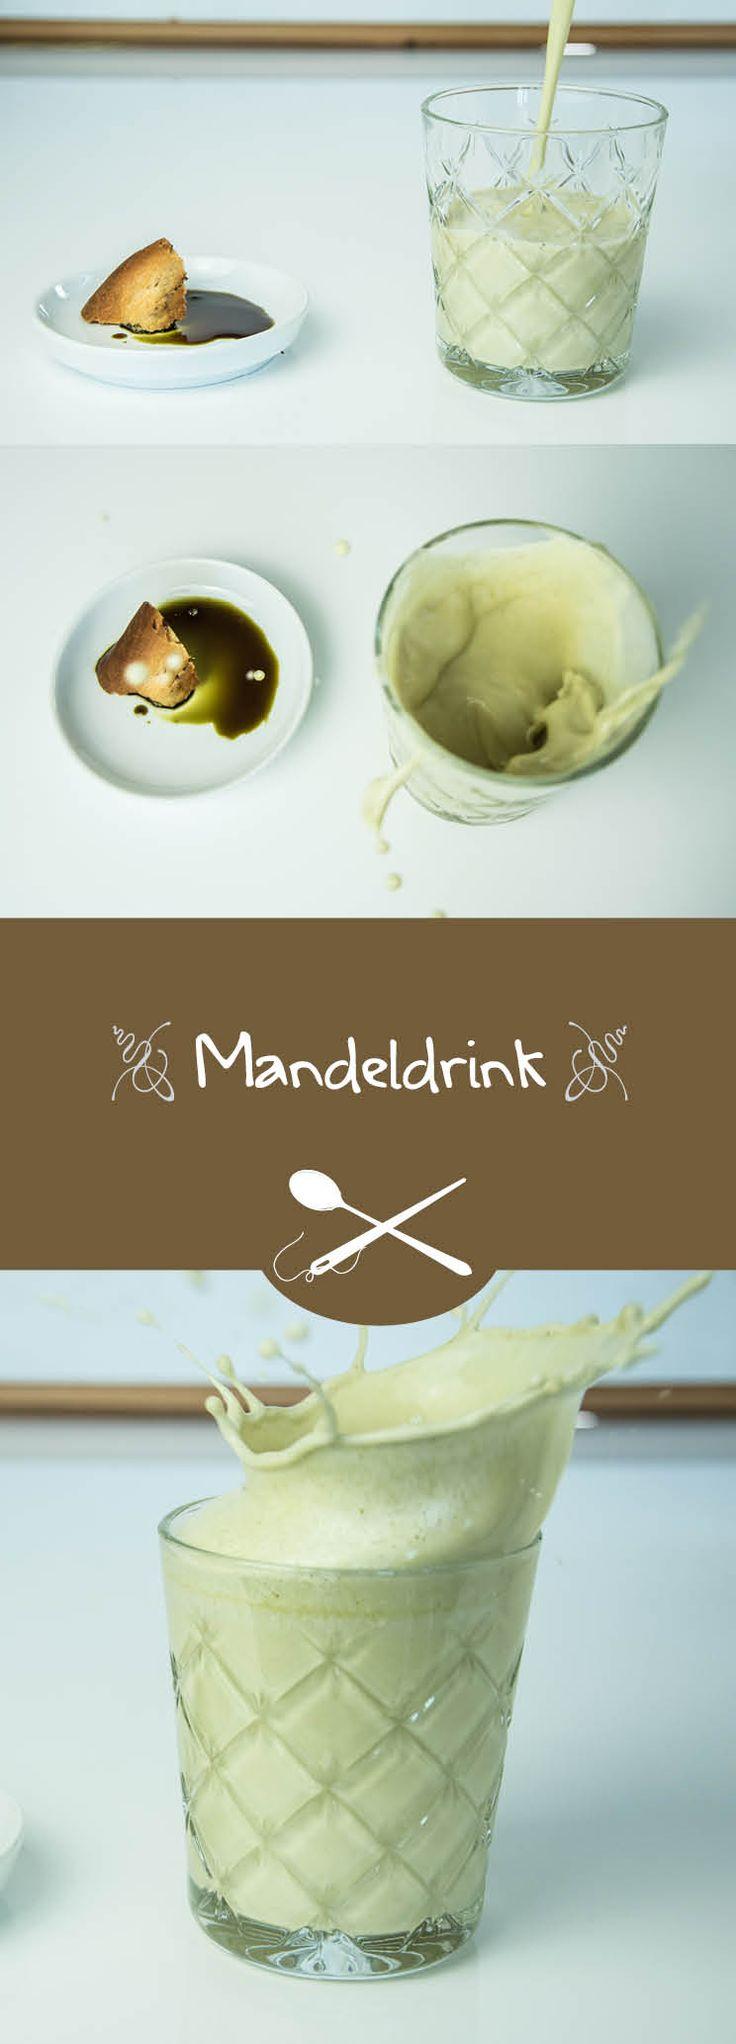 Mandeldrink: Dieser Drink ist speziell geeignet für Menschen mit einer Lactoseunverträglichkeit. Ein ideales Getränk als Zwischenmahlzeit oder als Start in den neuen Tag.